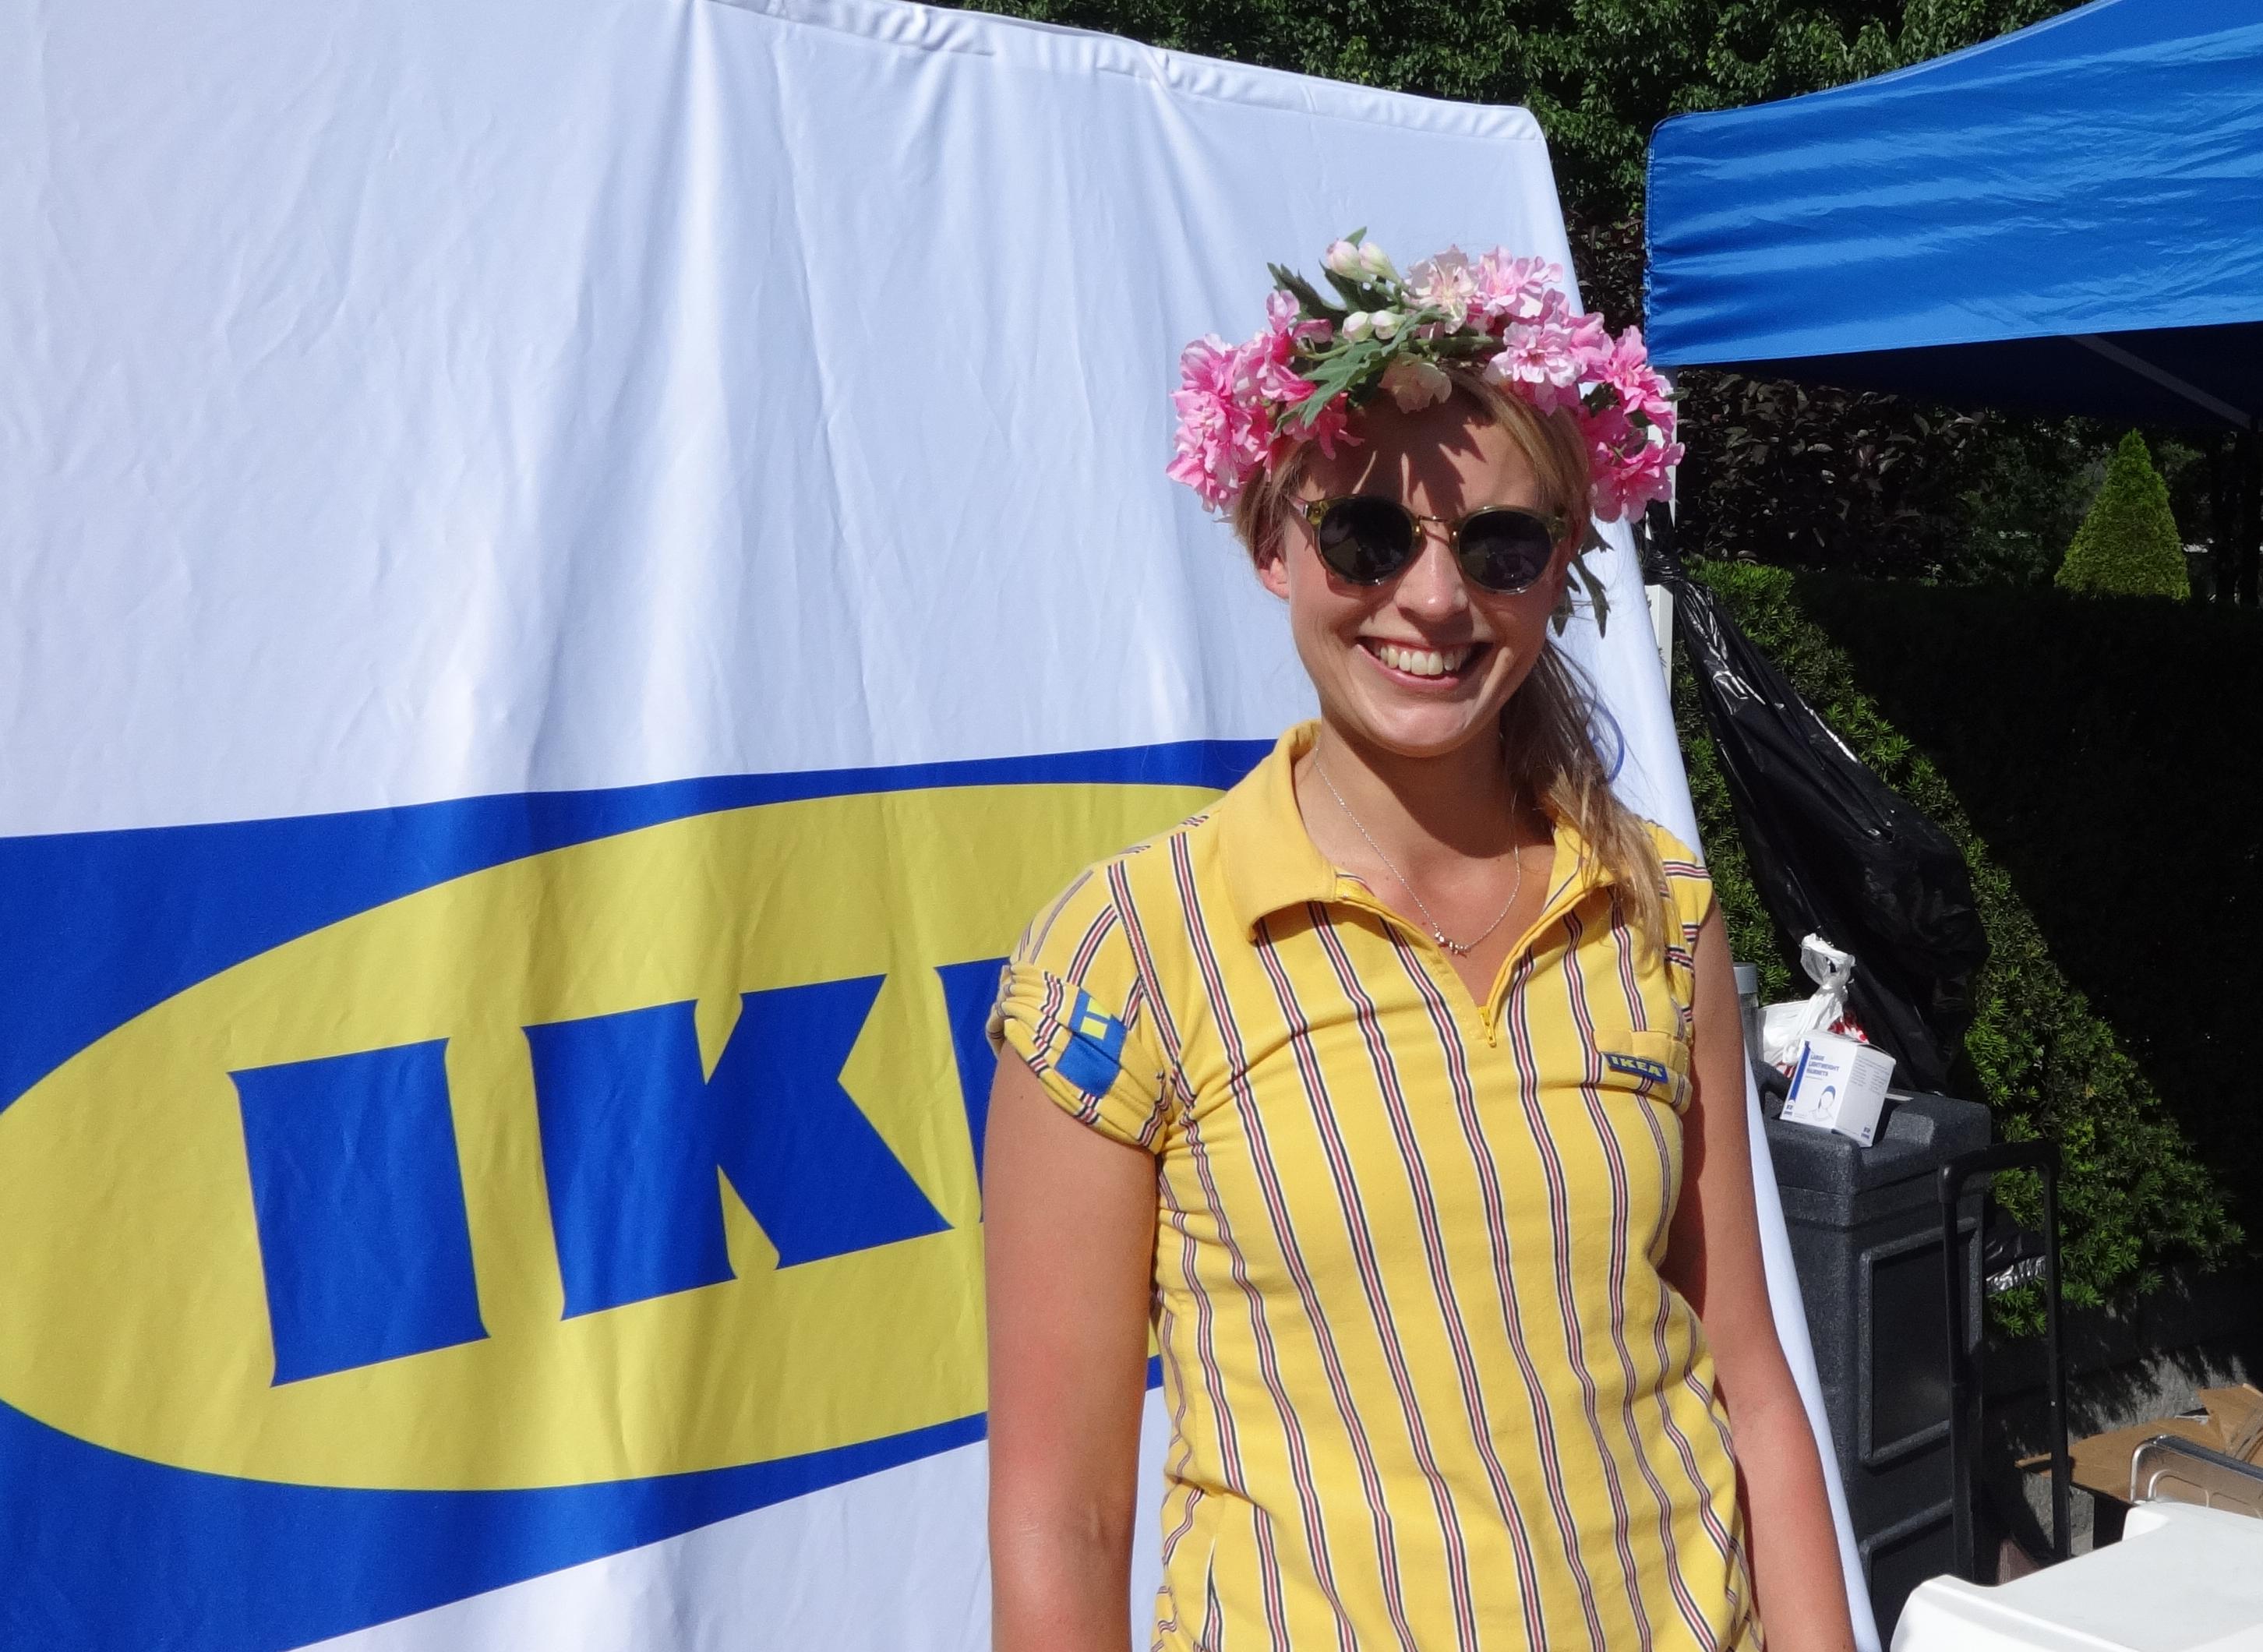 Ikea Swede lady